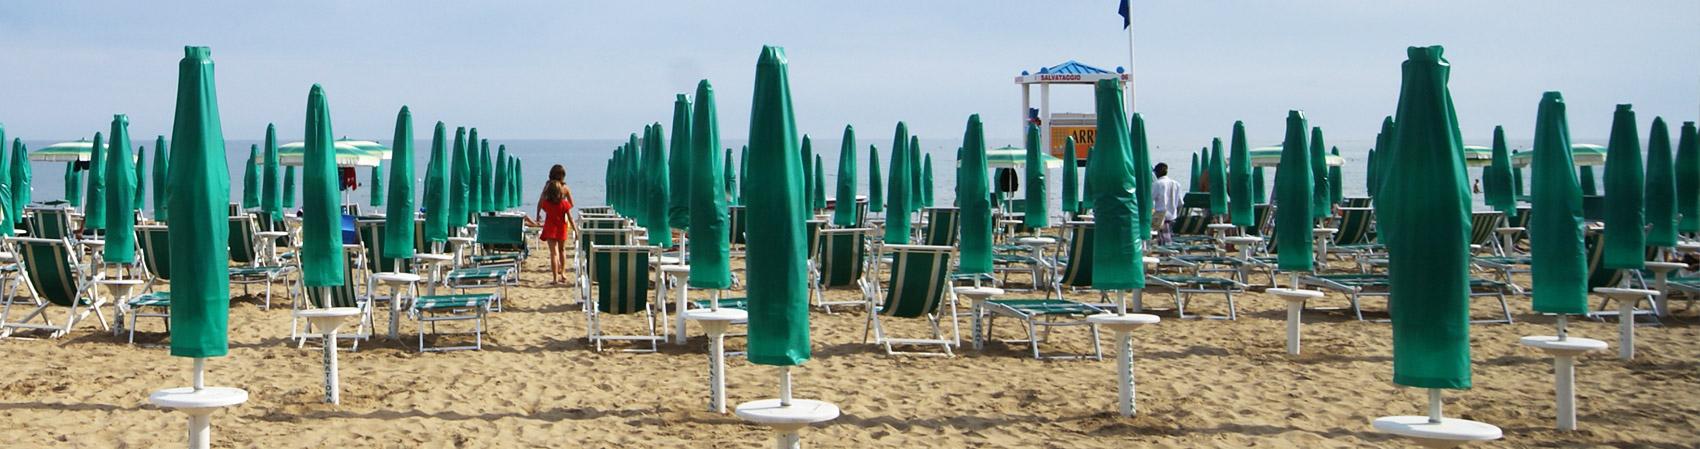 hotel-international-jesolo-slider-spiaggia-di-jesolo-di-giorno